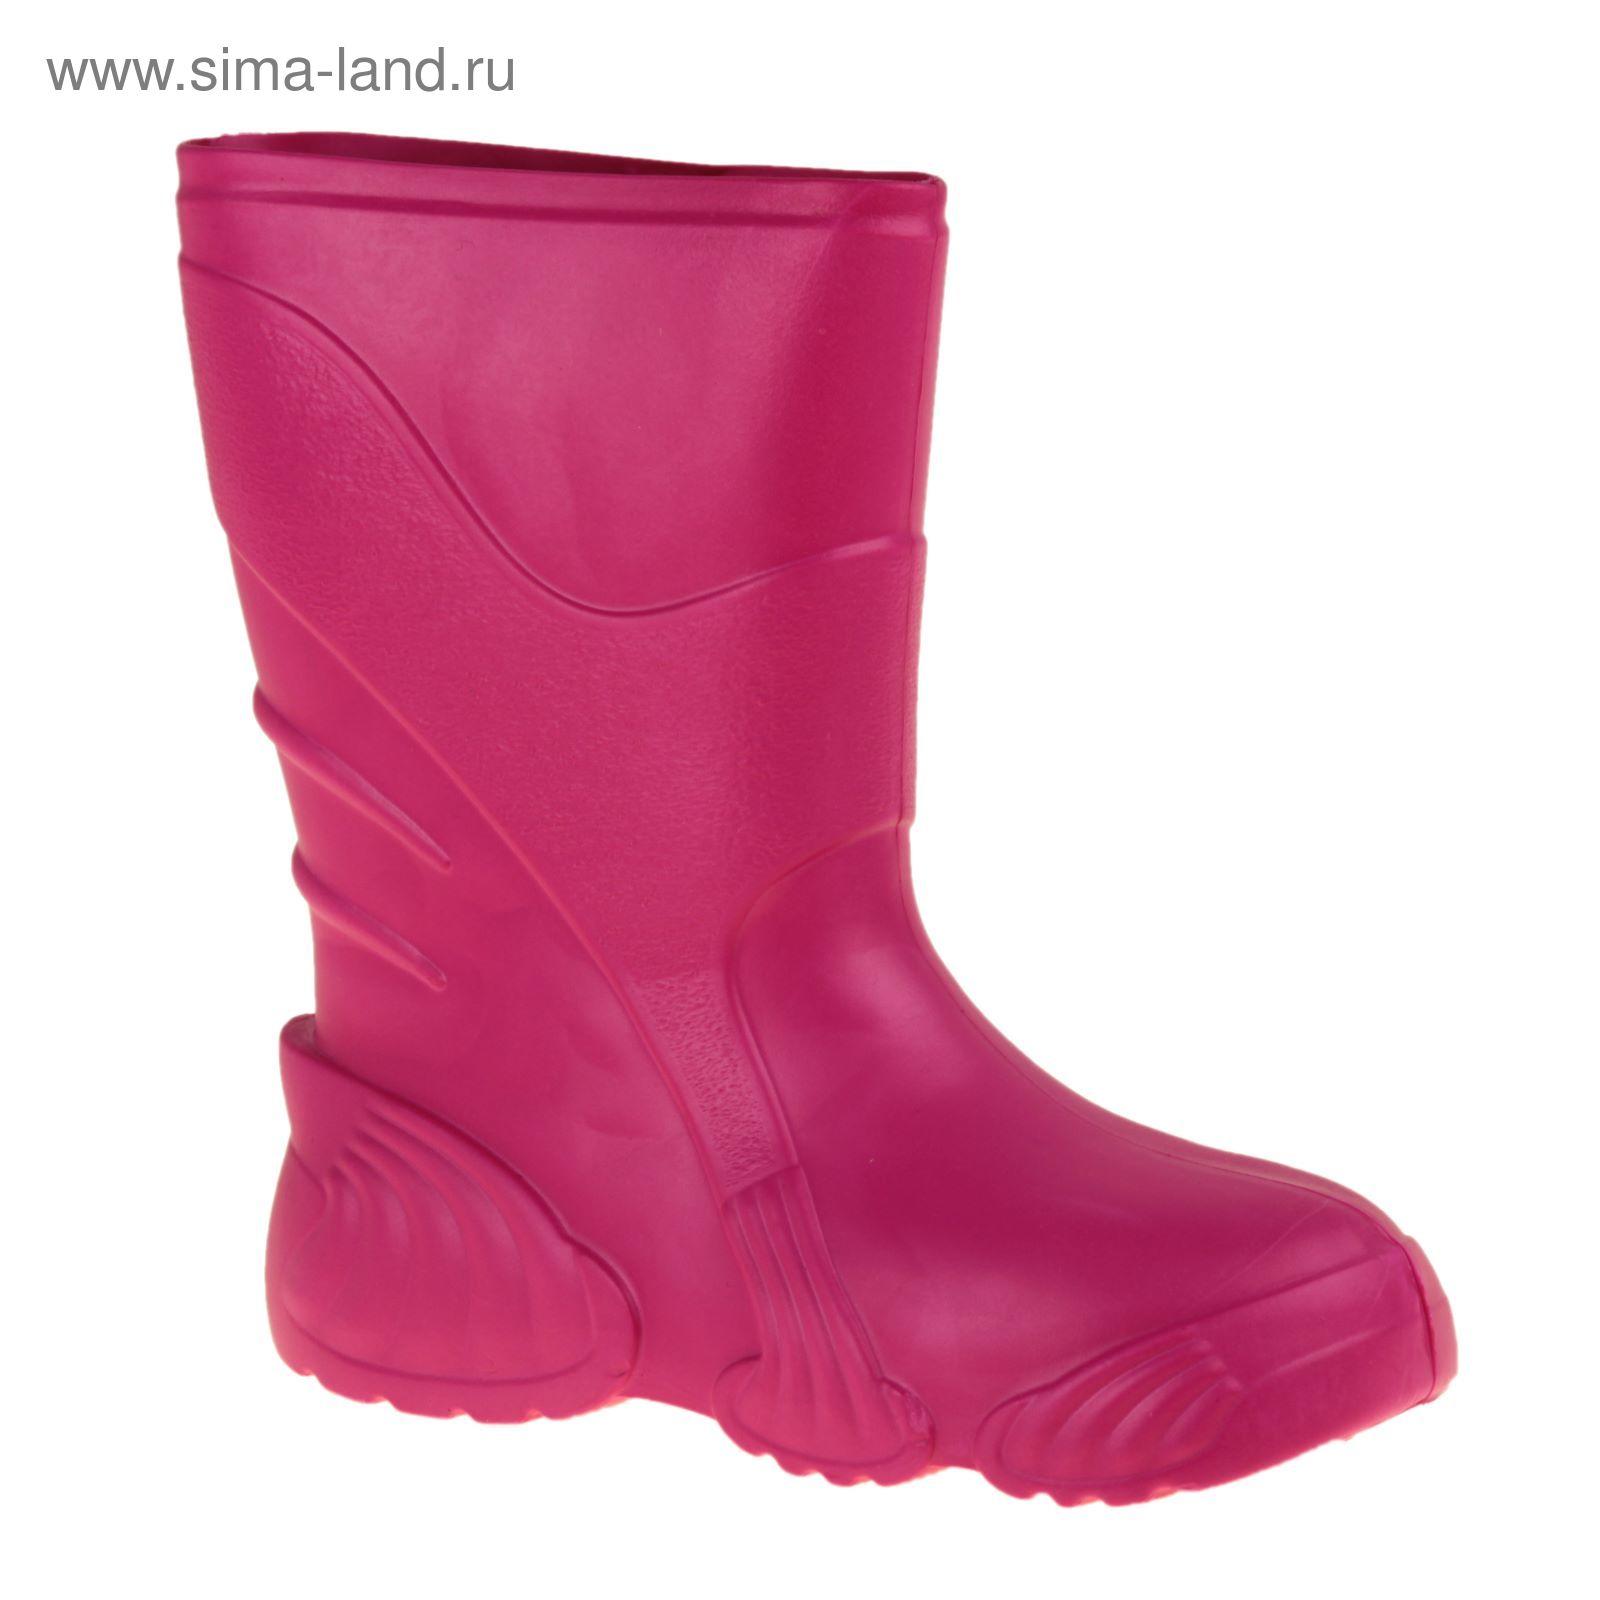 8767bd00 Сапоги женские утепленные Reflex (розовый) (р. 38/39) (1606750 ...